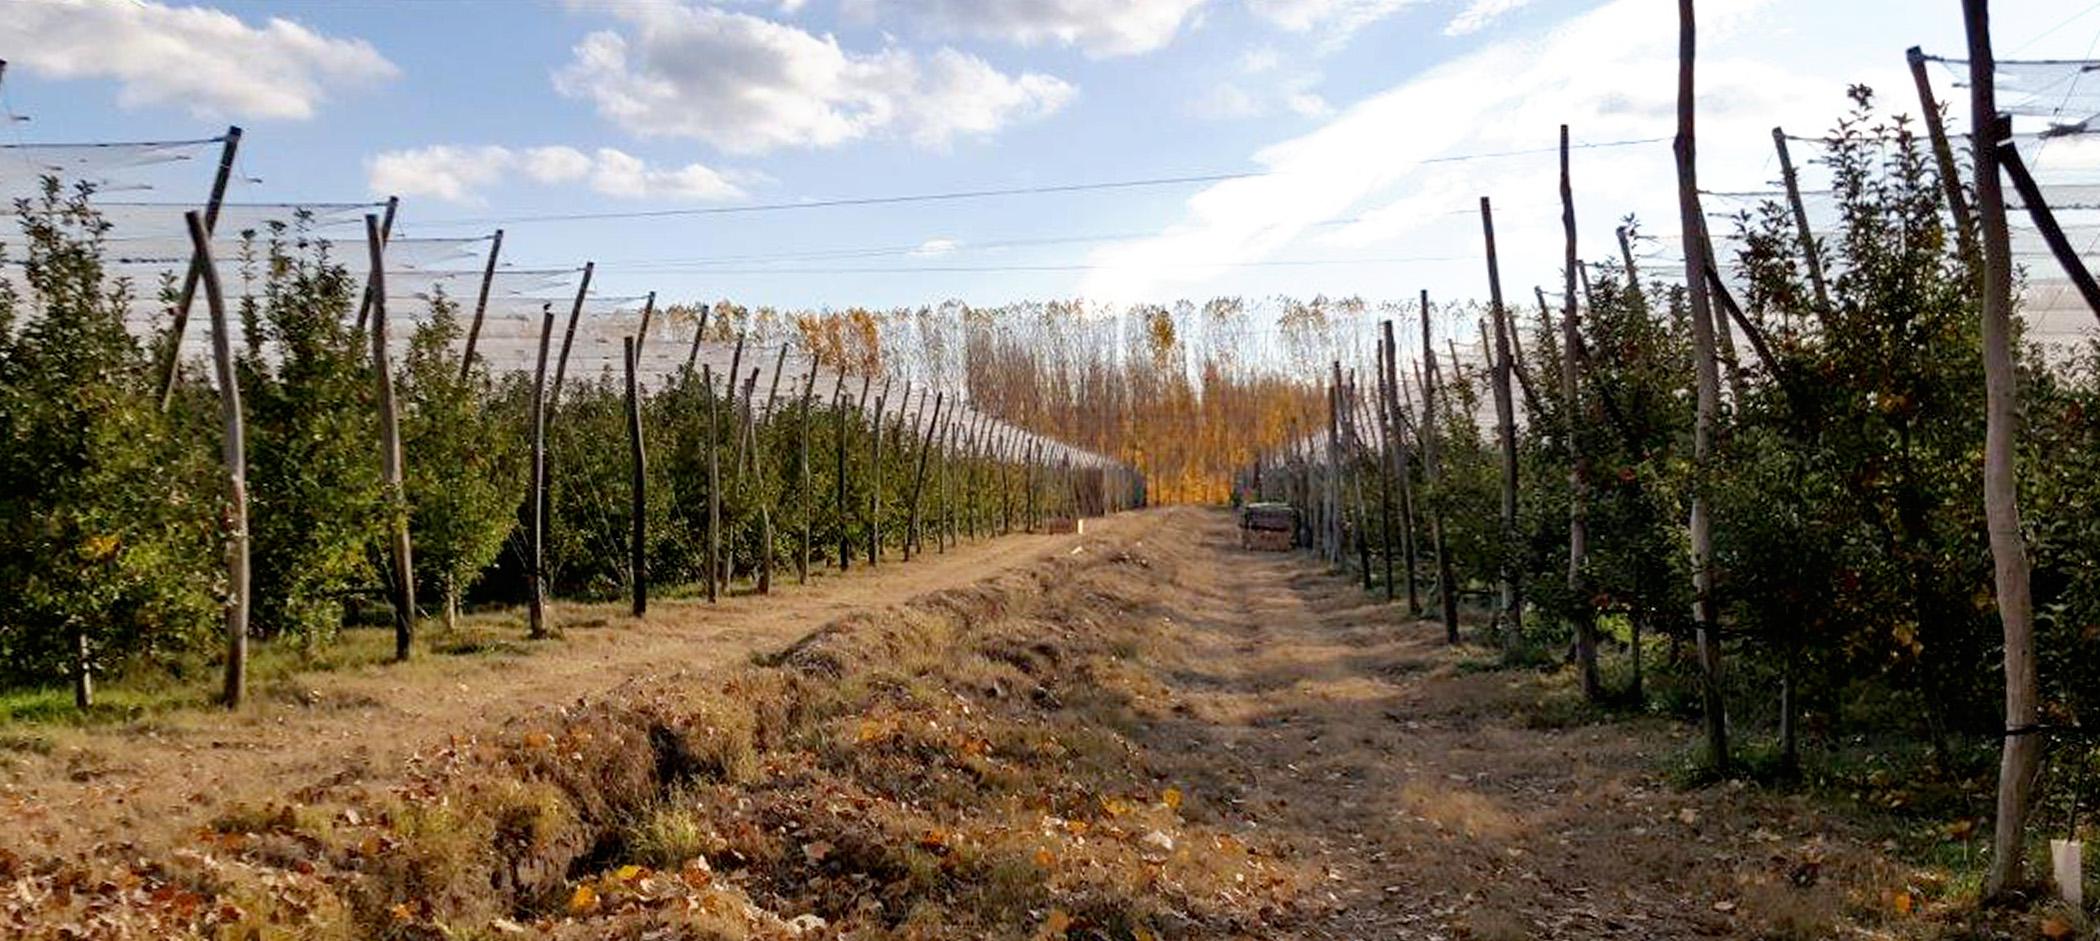 PatagoniaGallery4.jpg